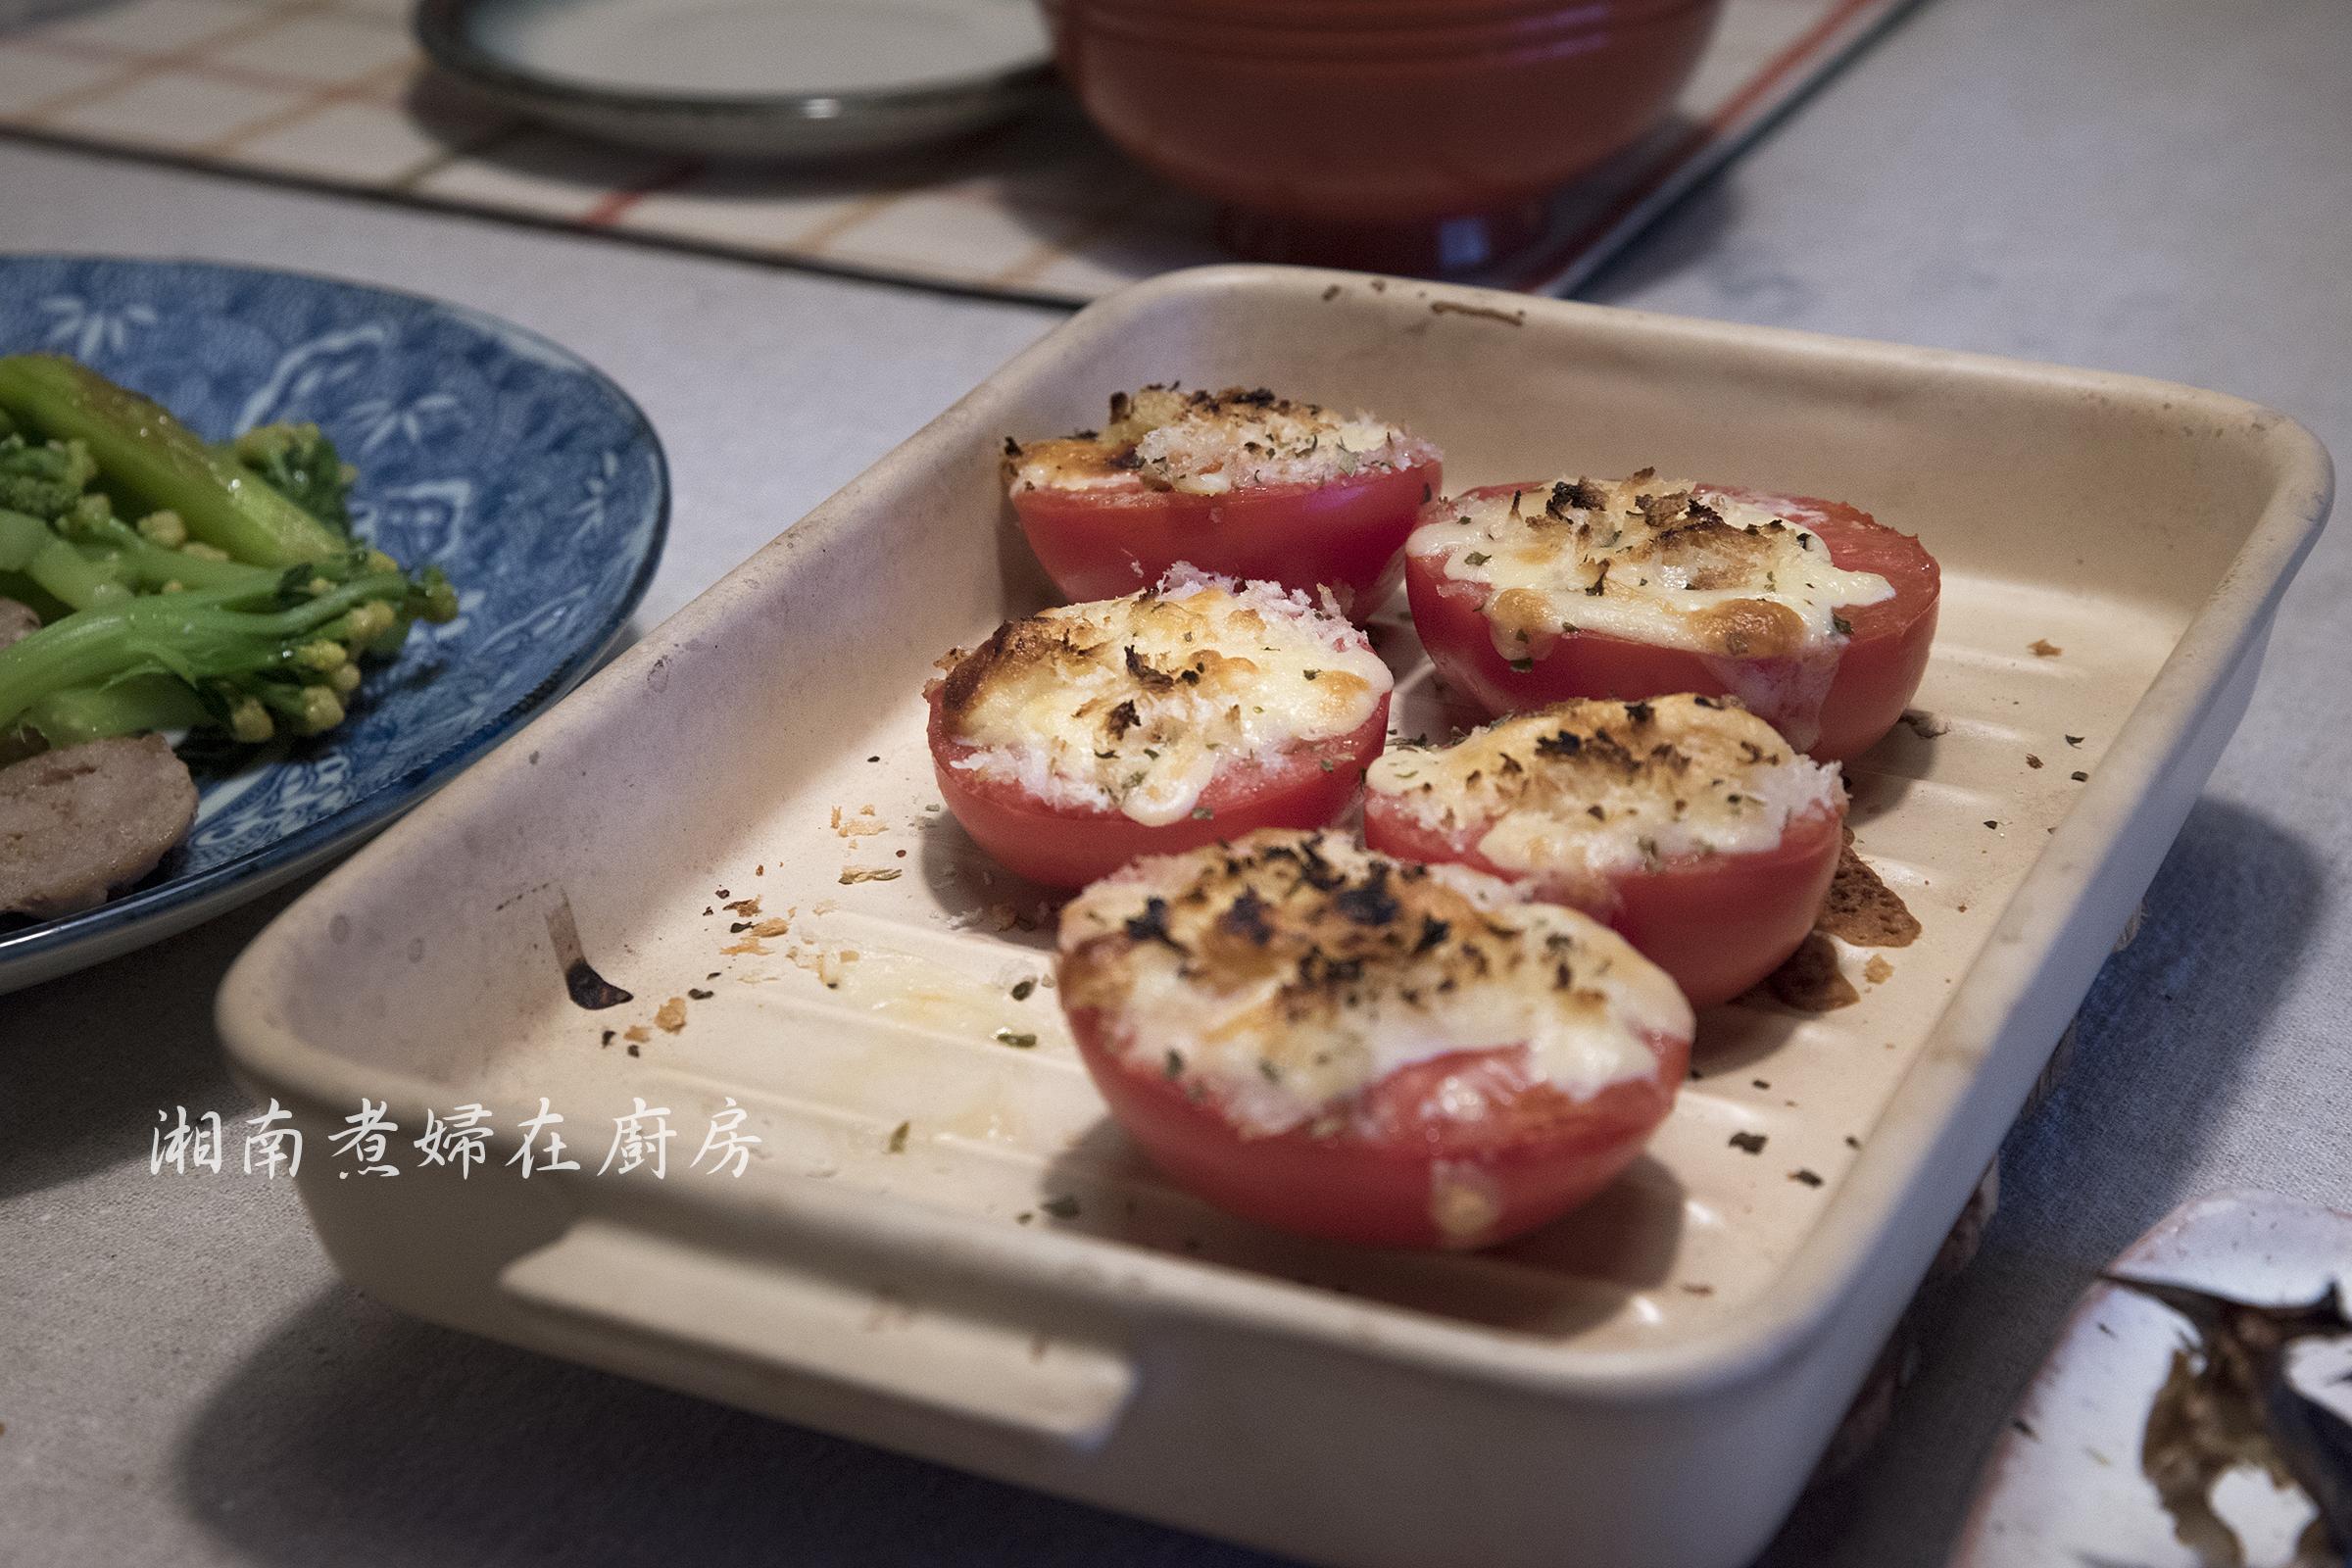 TomatoCheeseDSC_9846